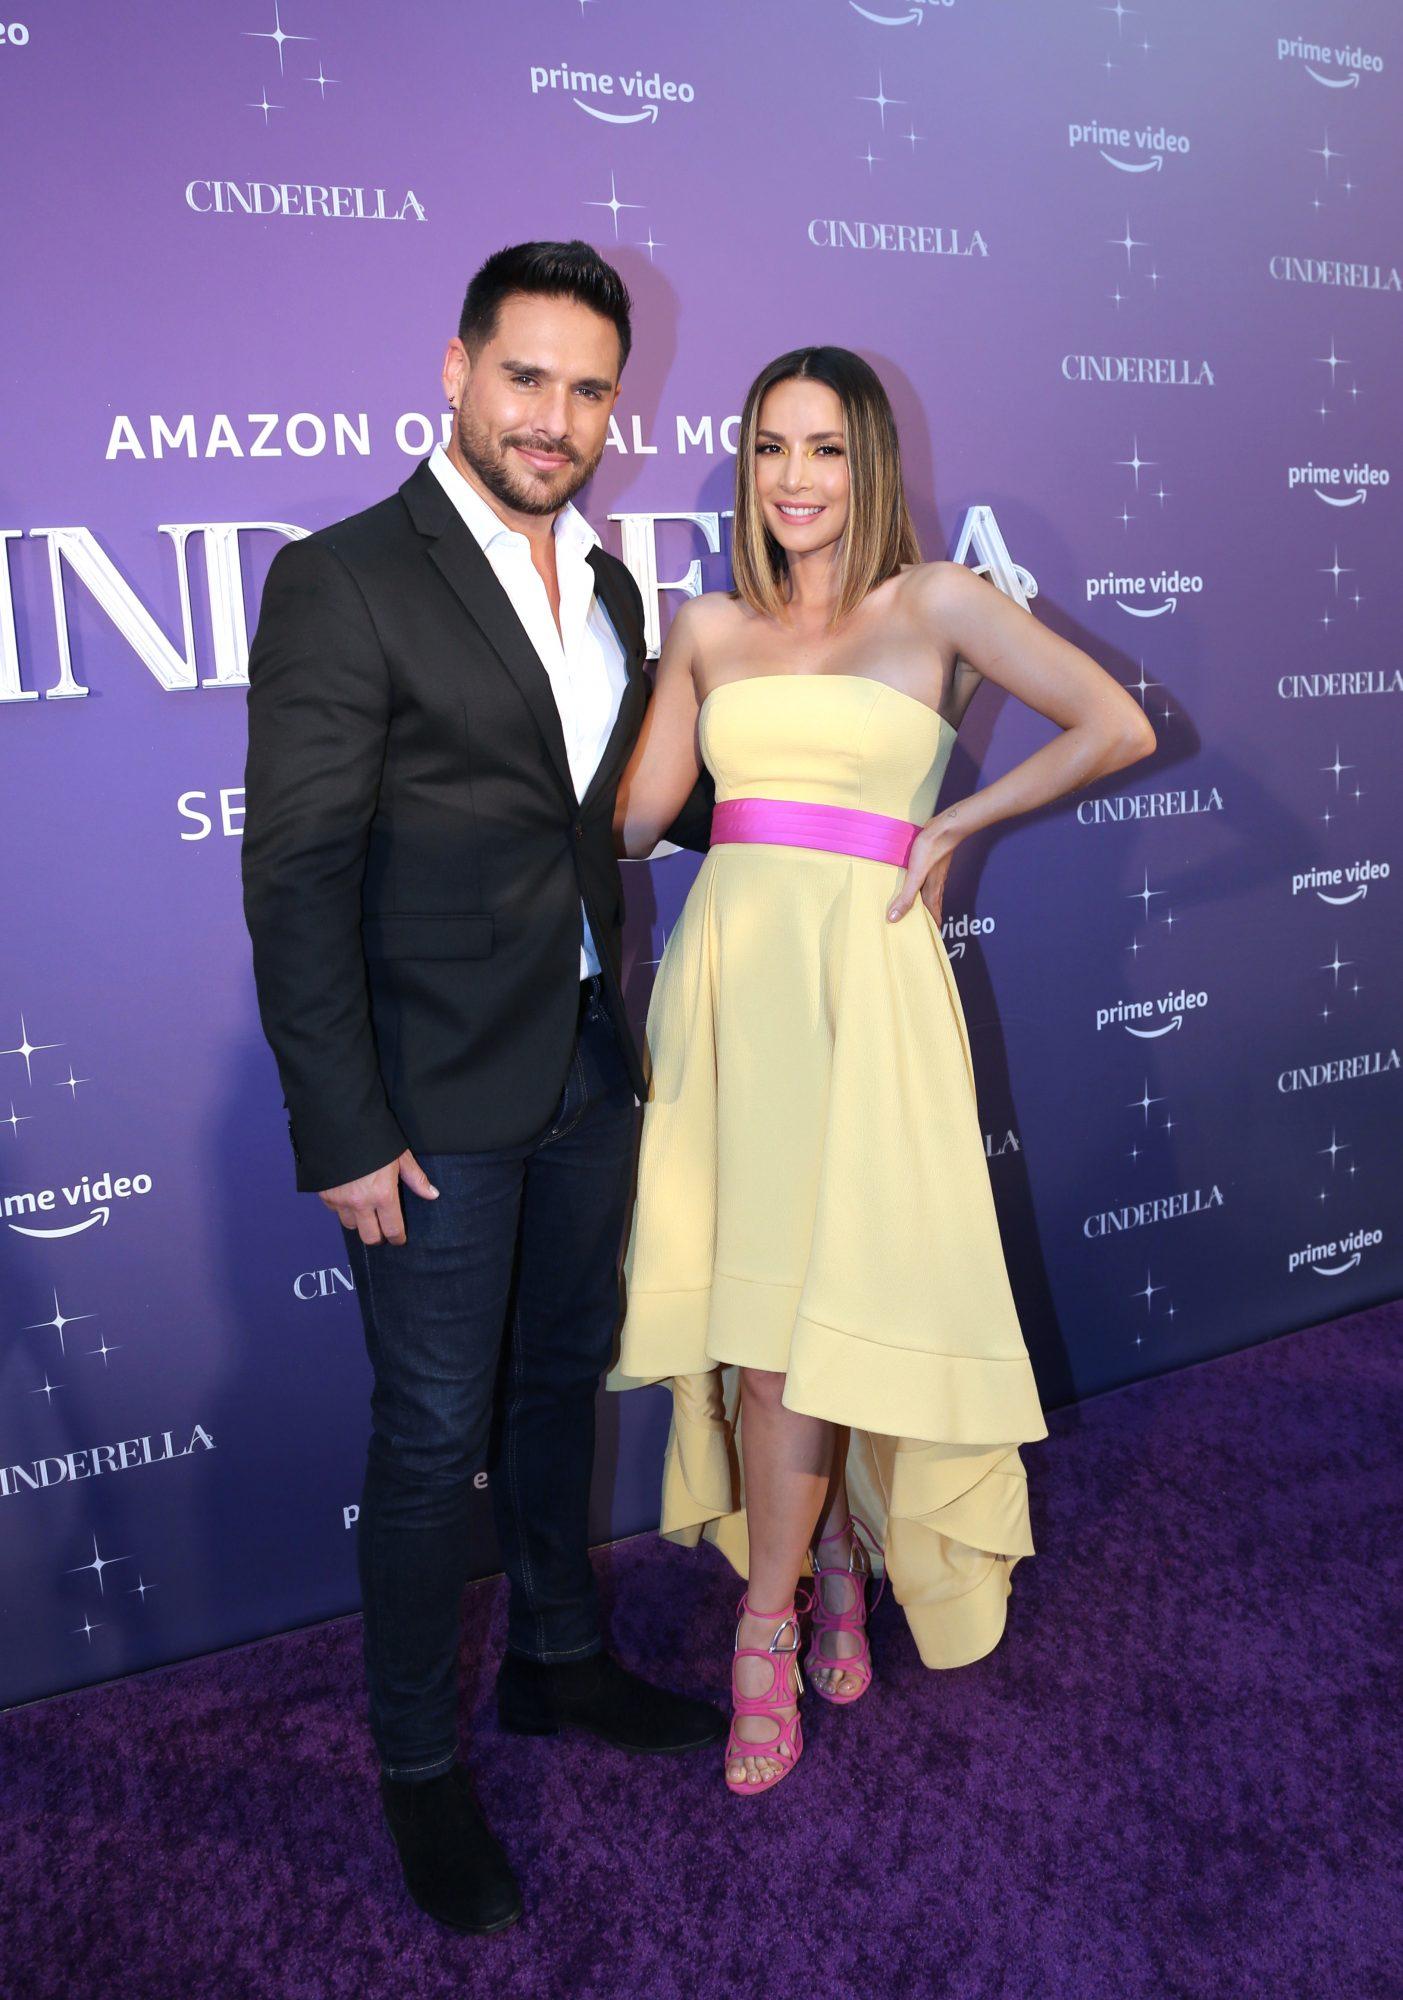 Sebastian Caisedo y Carmen Villalobos en la alfombra de la premier de la nueva version de Cinderella